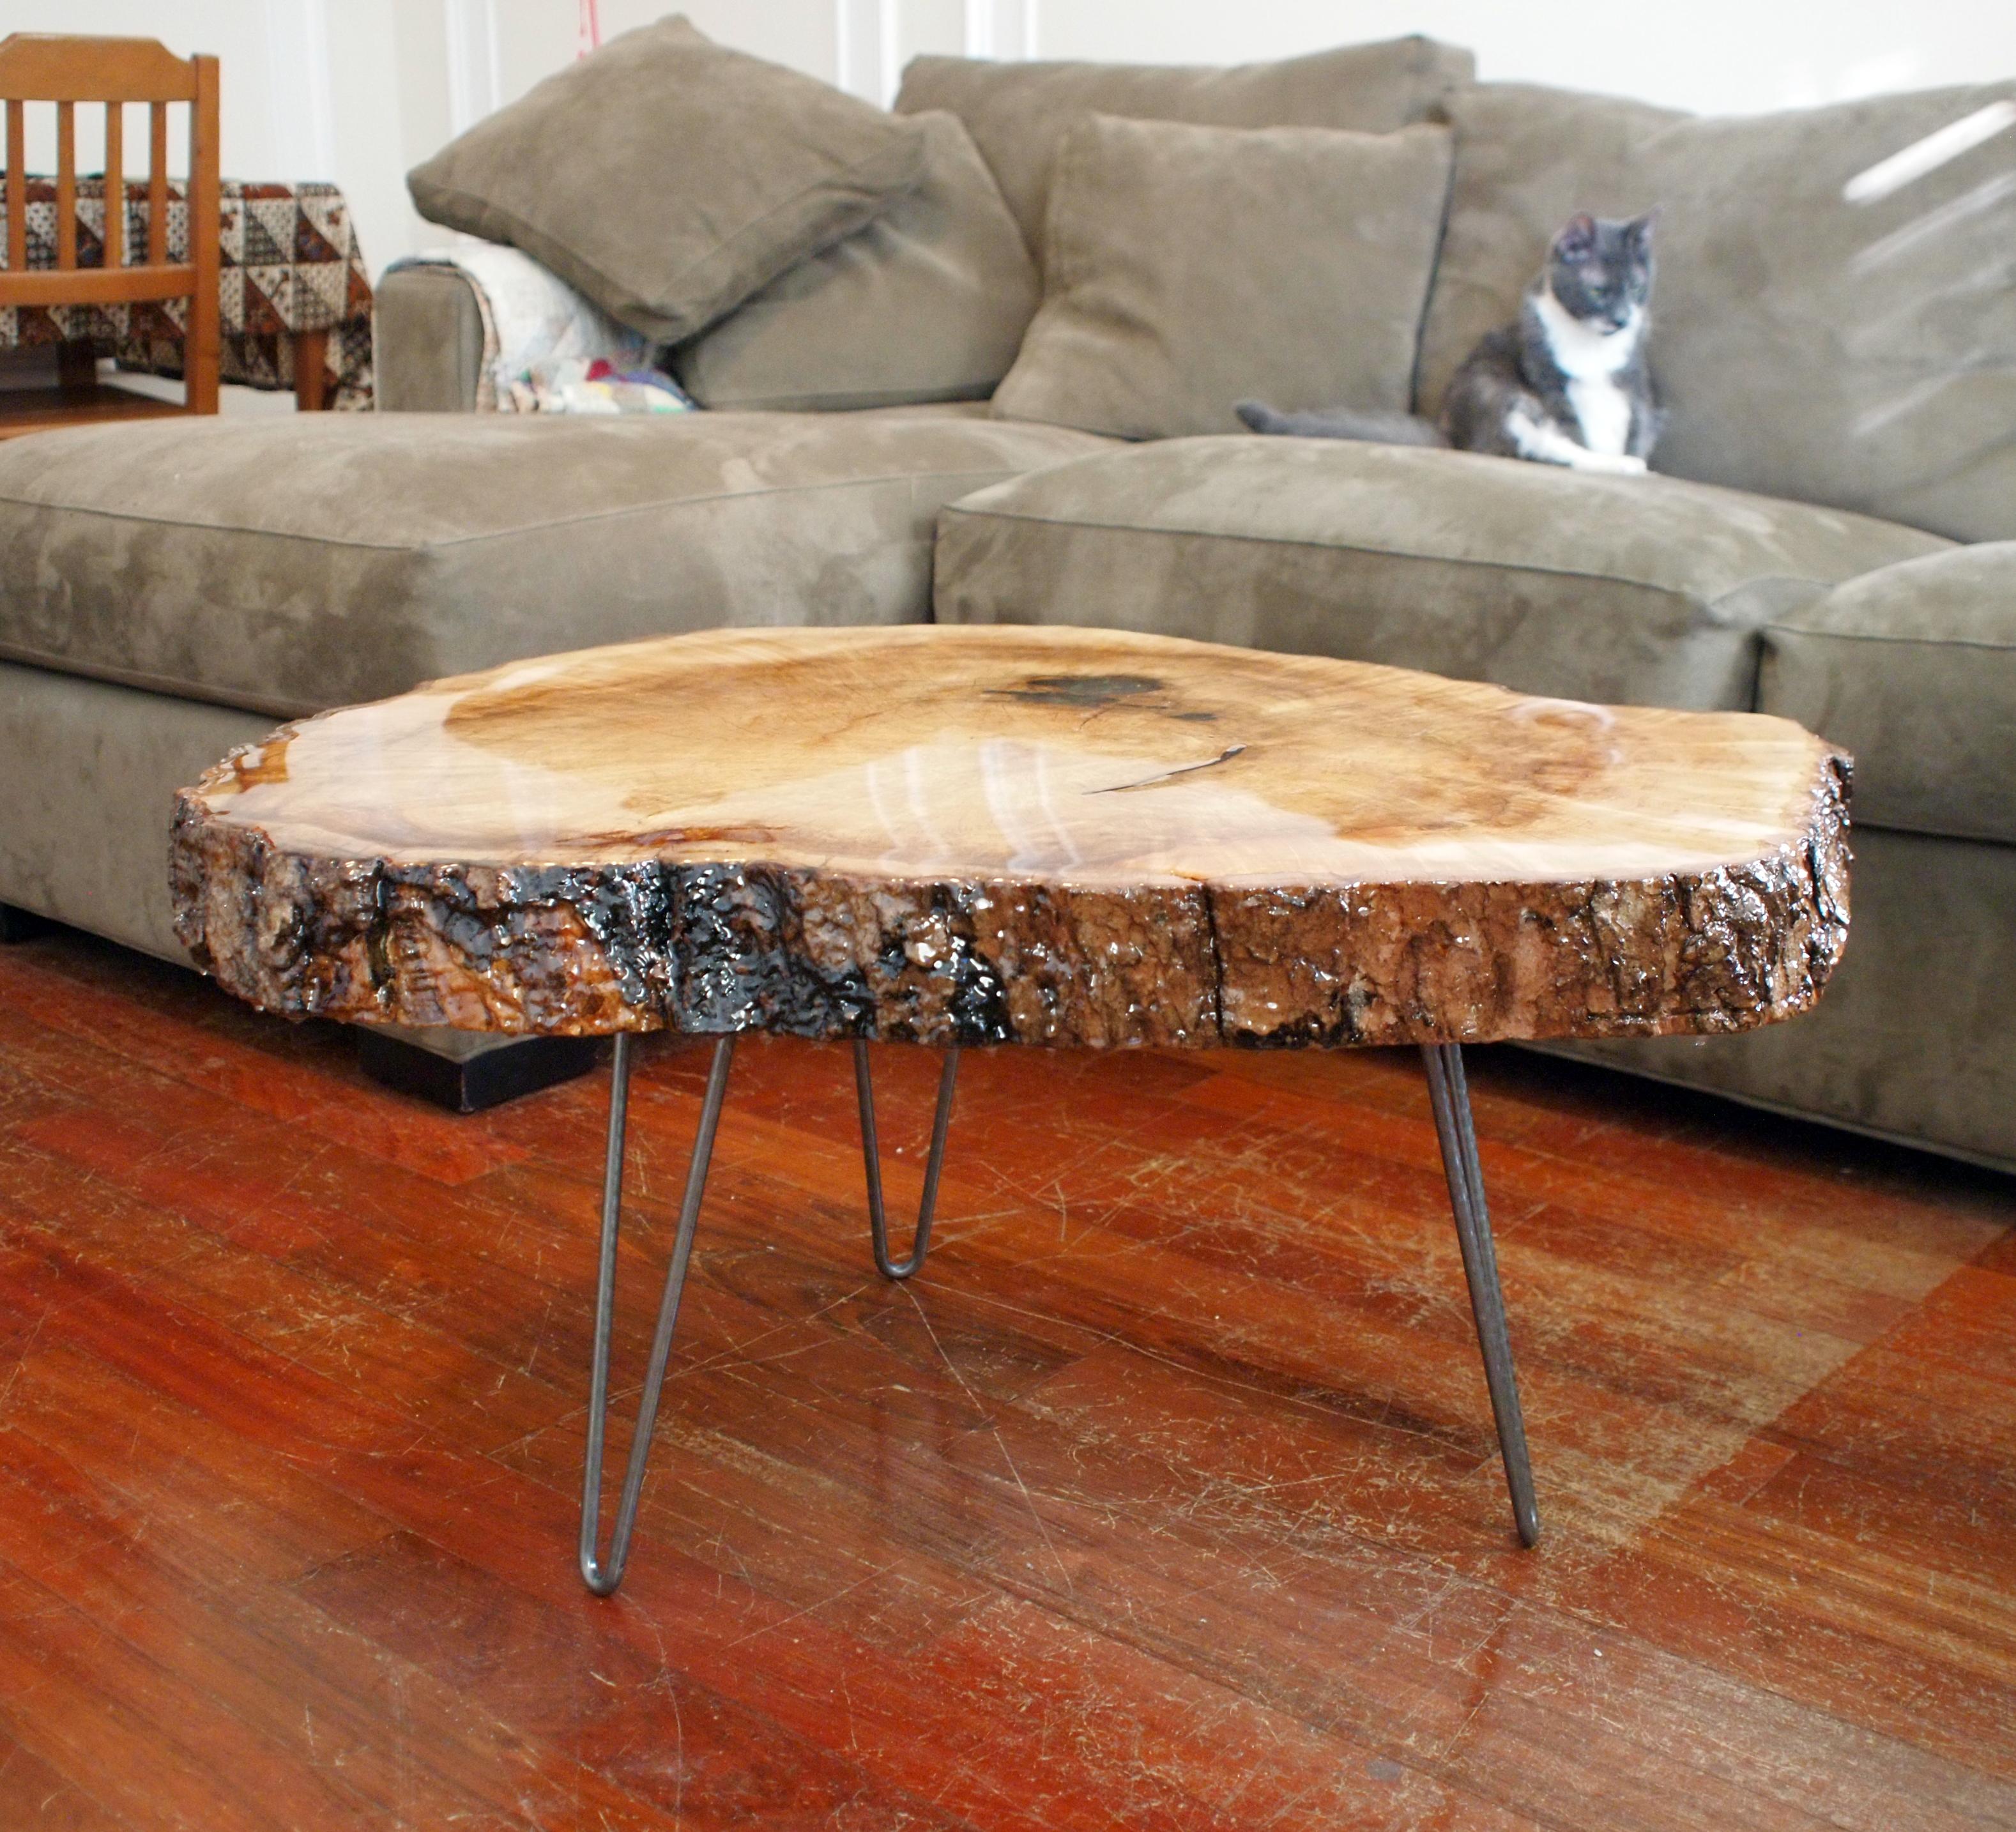 braincrafts_maple-cookie-slab-table-32.jpg